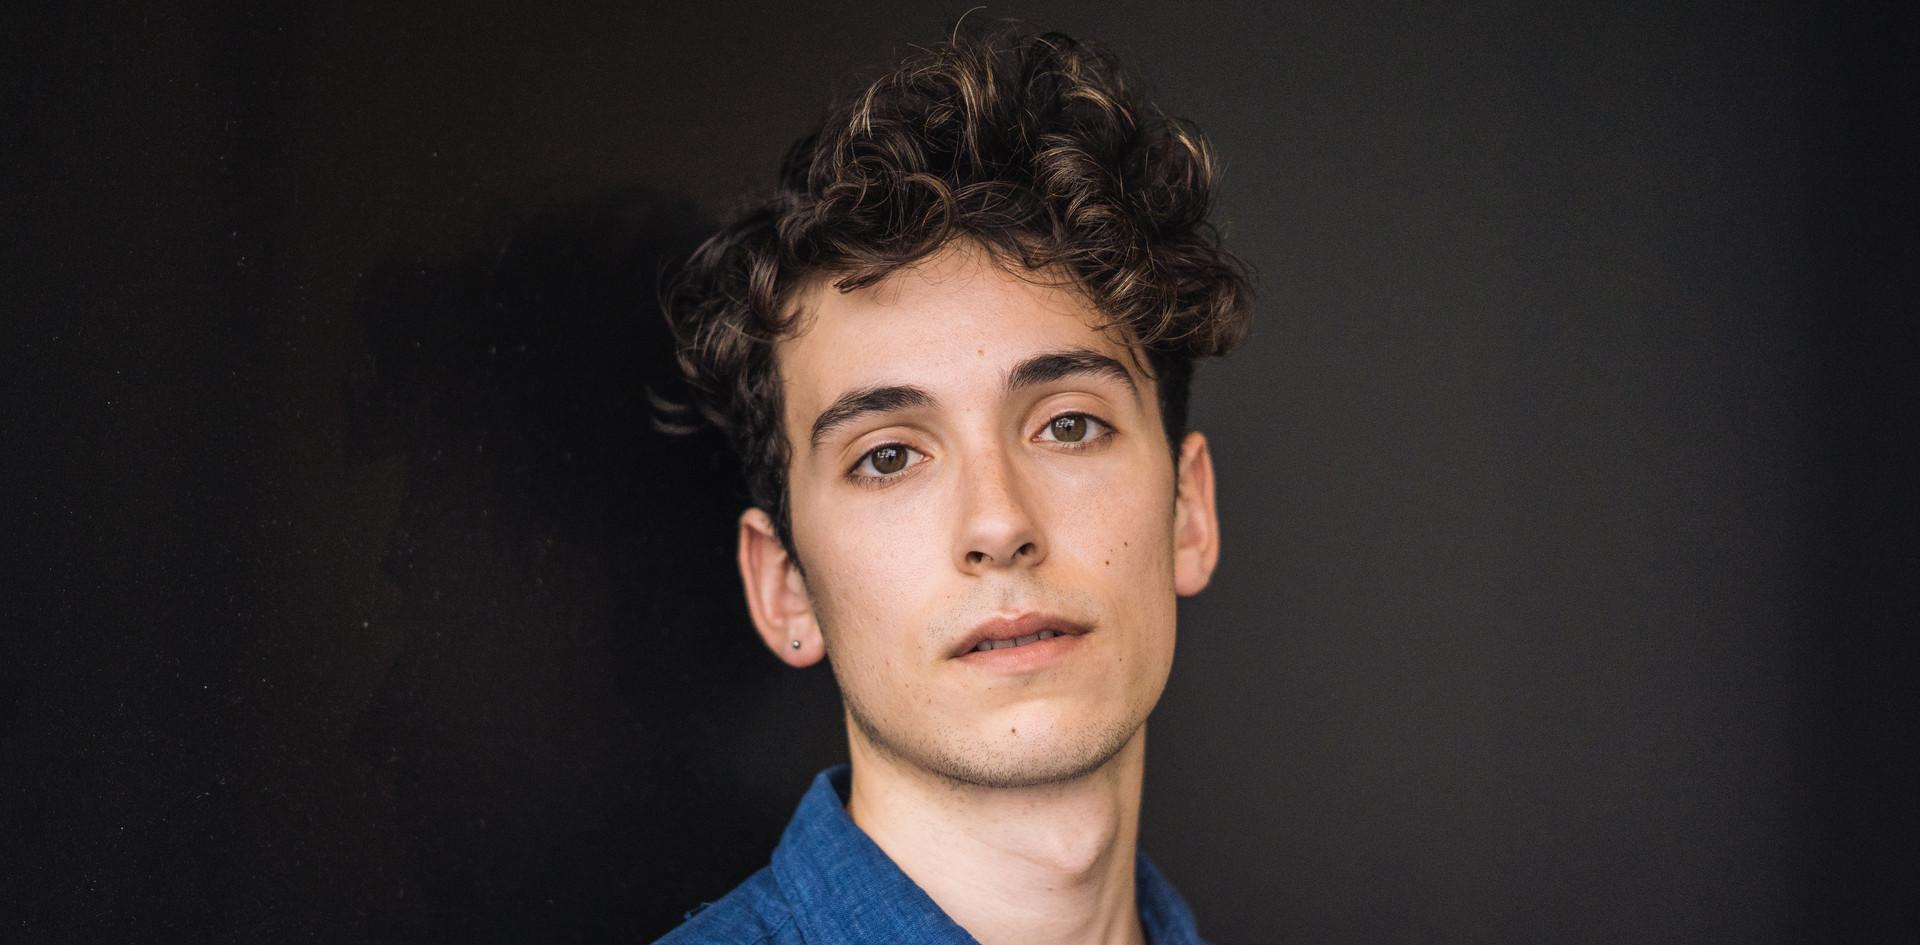 模特 Model/ Julian Shapiro-Barnum  二零一九五月 201906  New York City 紐約市, United States 美國